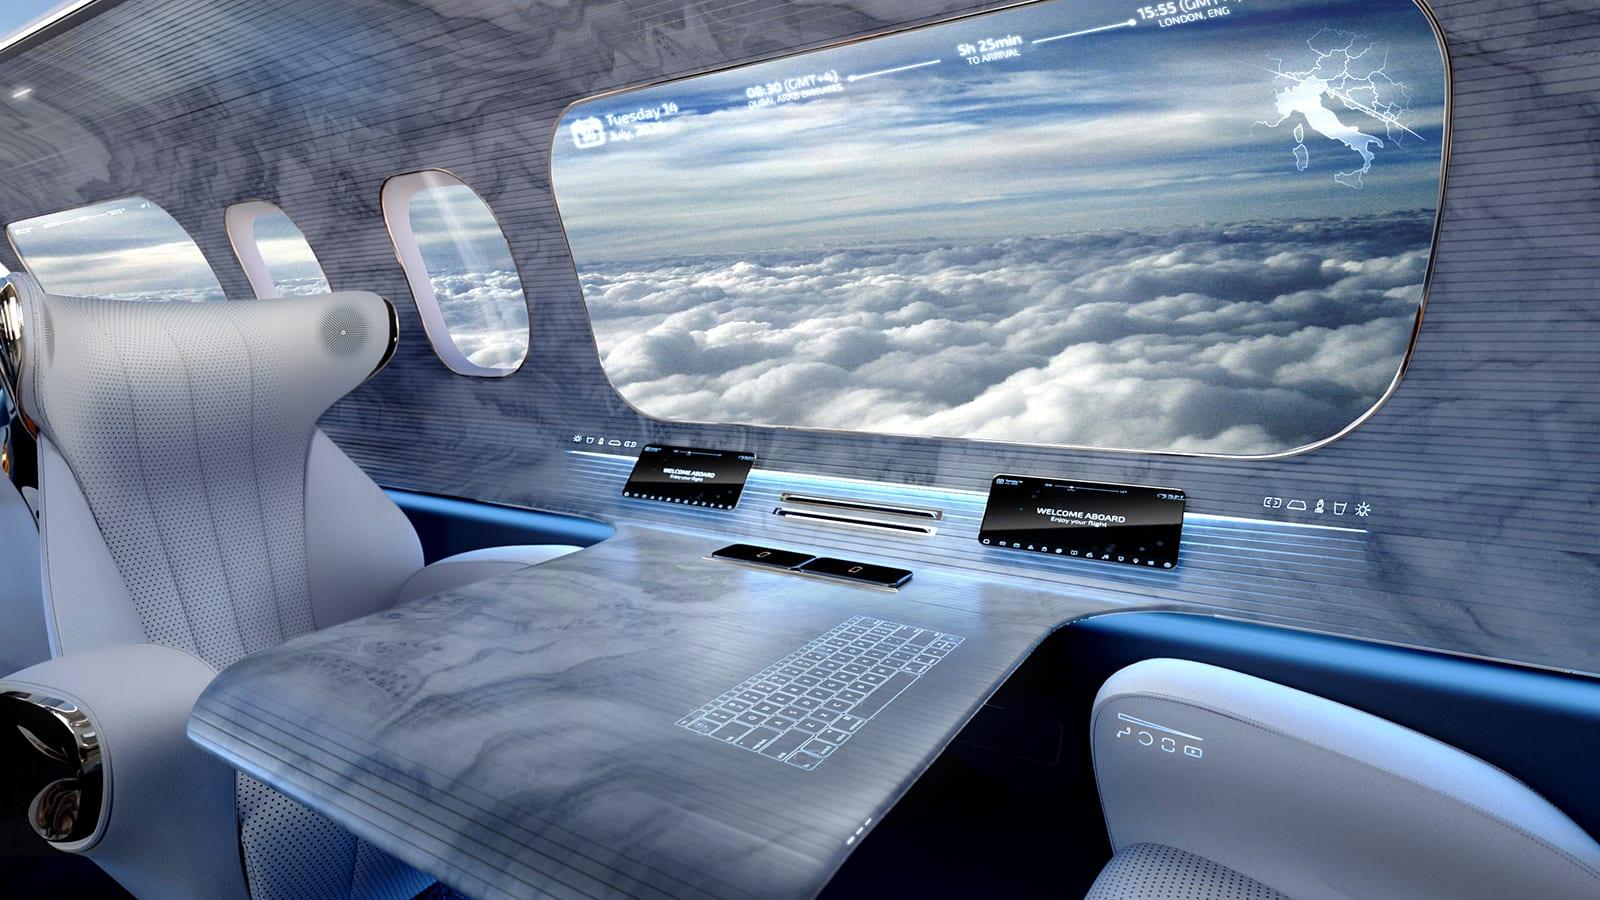 تصميم طائرة بلا نوافذ..كيف سيغيّر من مستقبل السفر الجوي؟